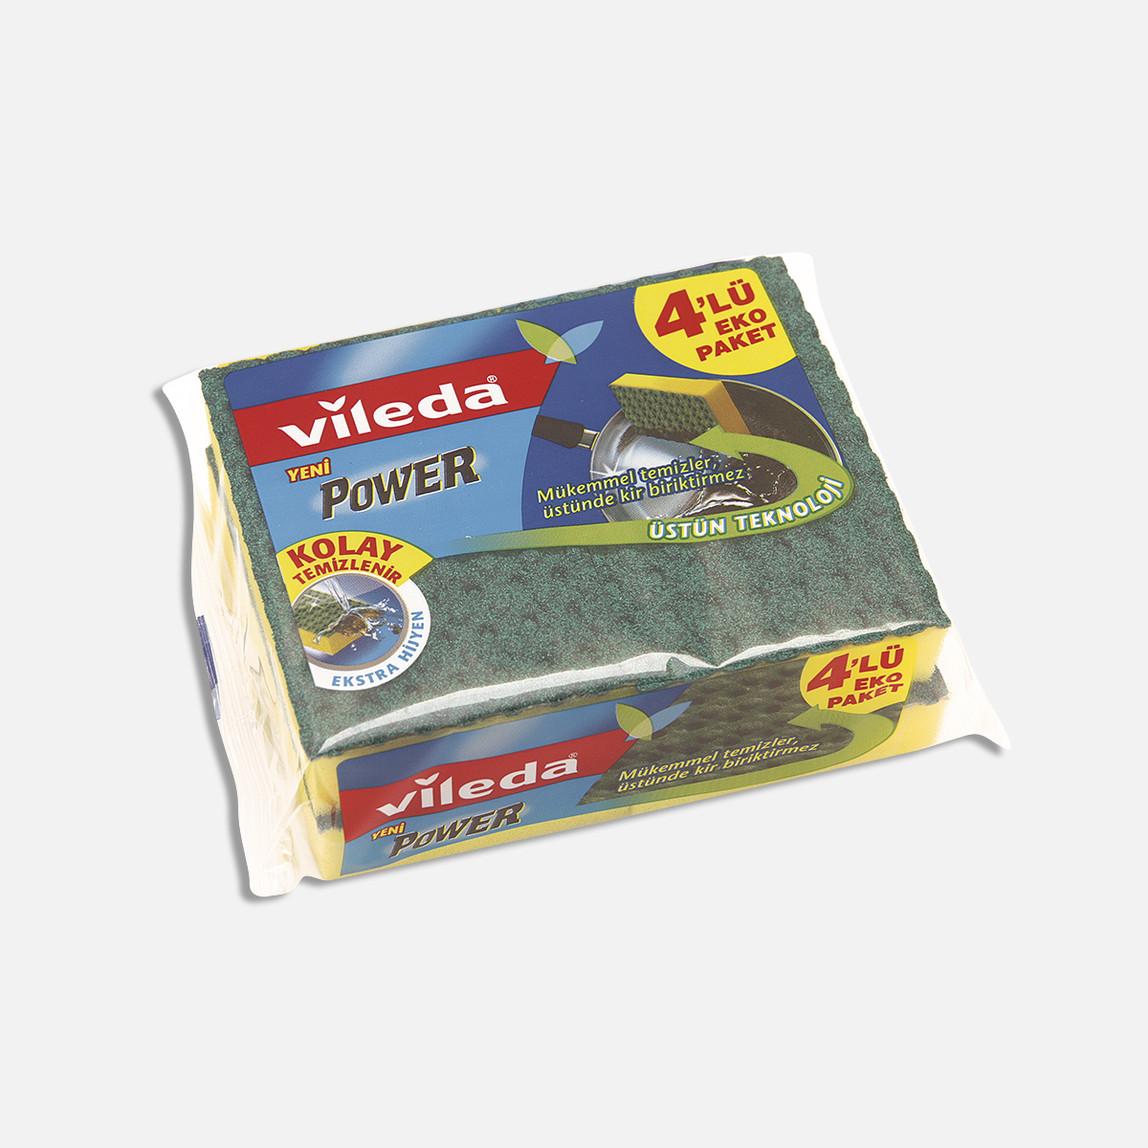 Vileda Power Düz Bulaşıklık Süngeri 4'lü Paket